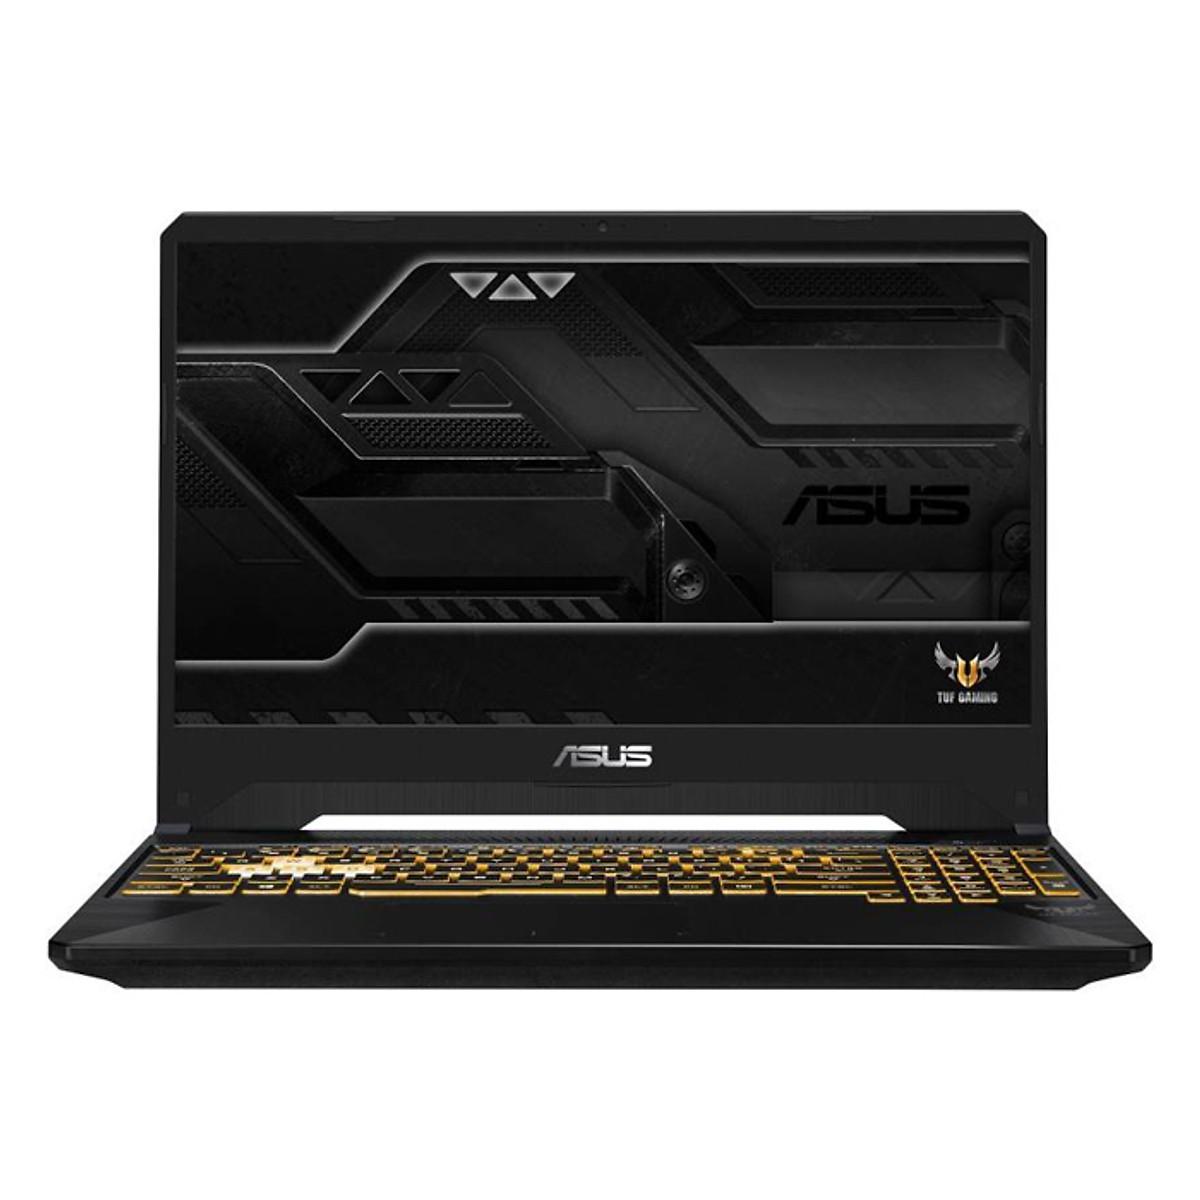 Asus   Máy tính xách tay - Laptop    Laptop Asus TUF Gaming FX705GE-EW165T Core i7-8750H/ Win10 (17.